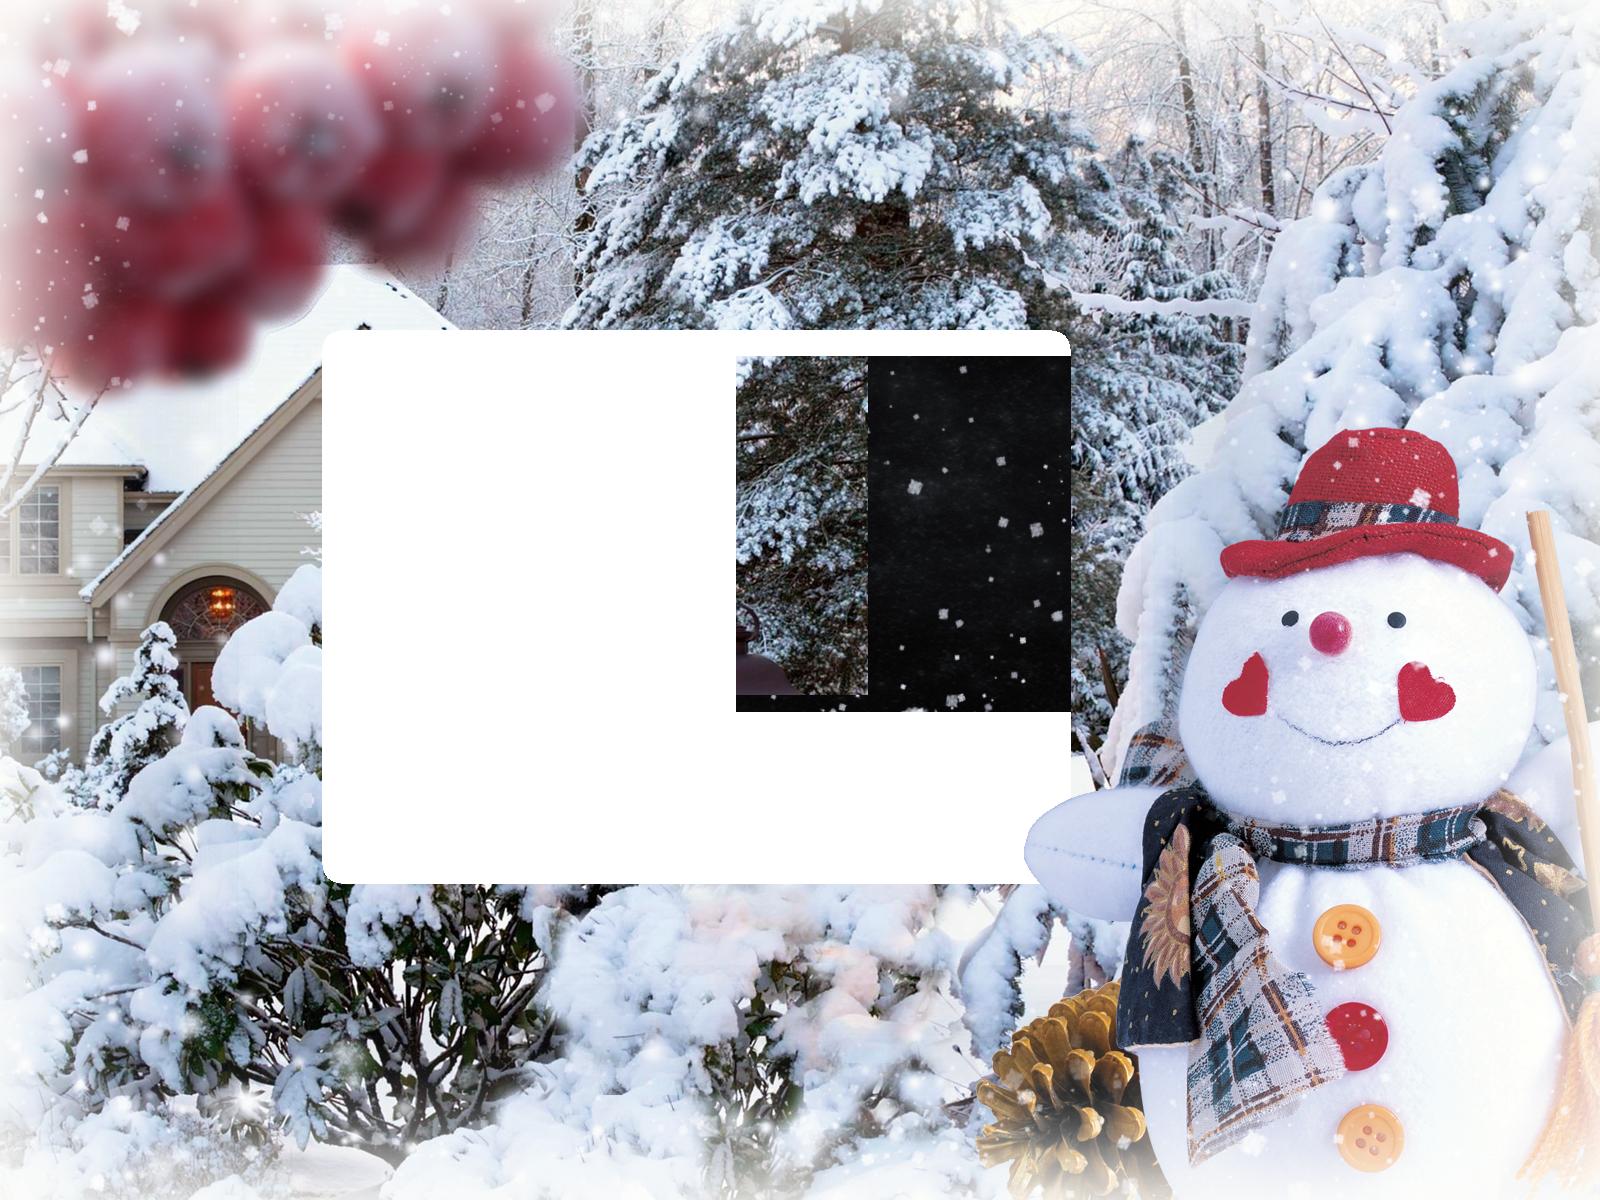 фоторамка фон зимы пытайтесь победить